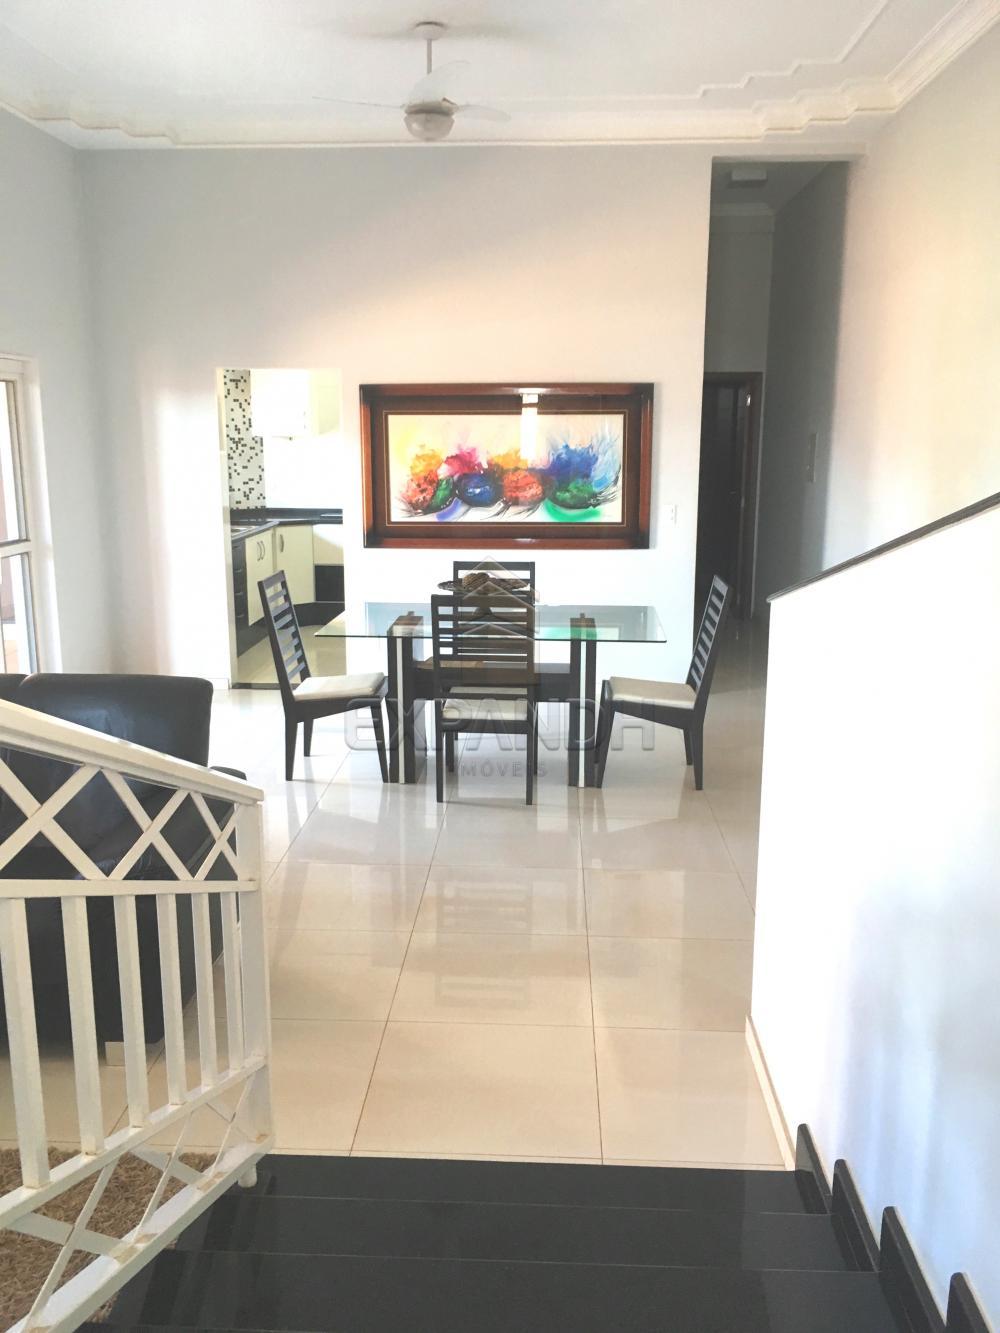 Comprar Casas / Padrão em Sertãozinho R$ 1.155.000,00 - Foto 21